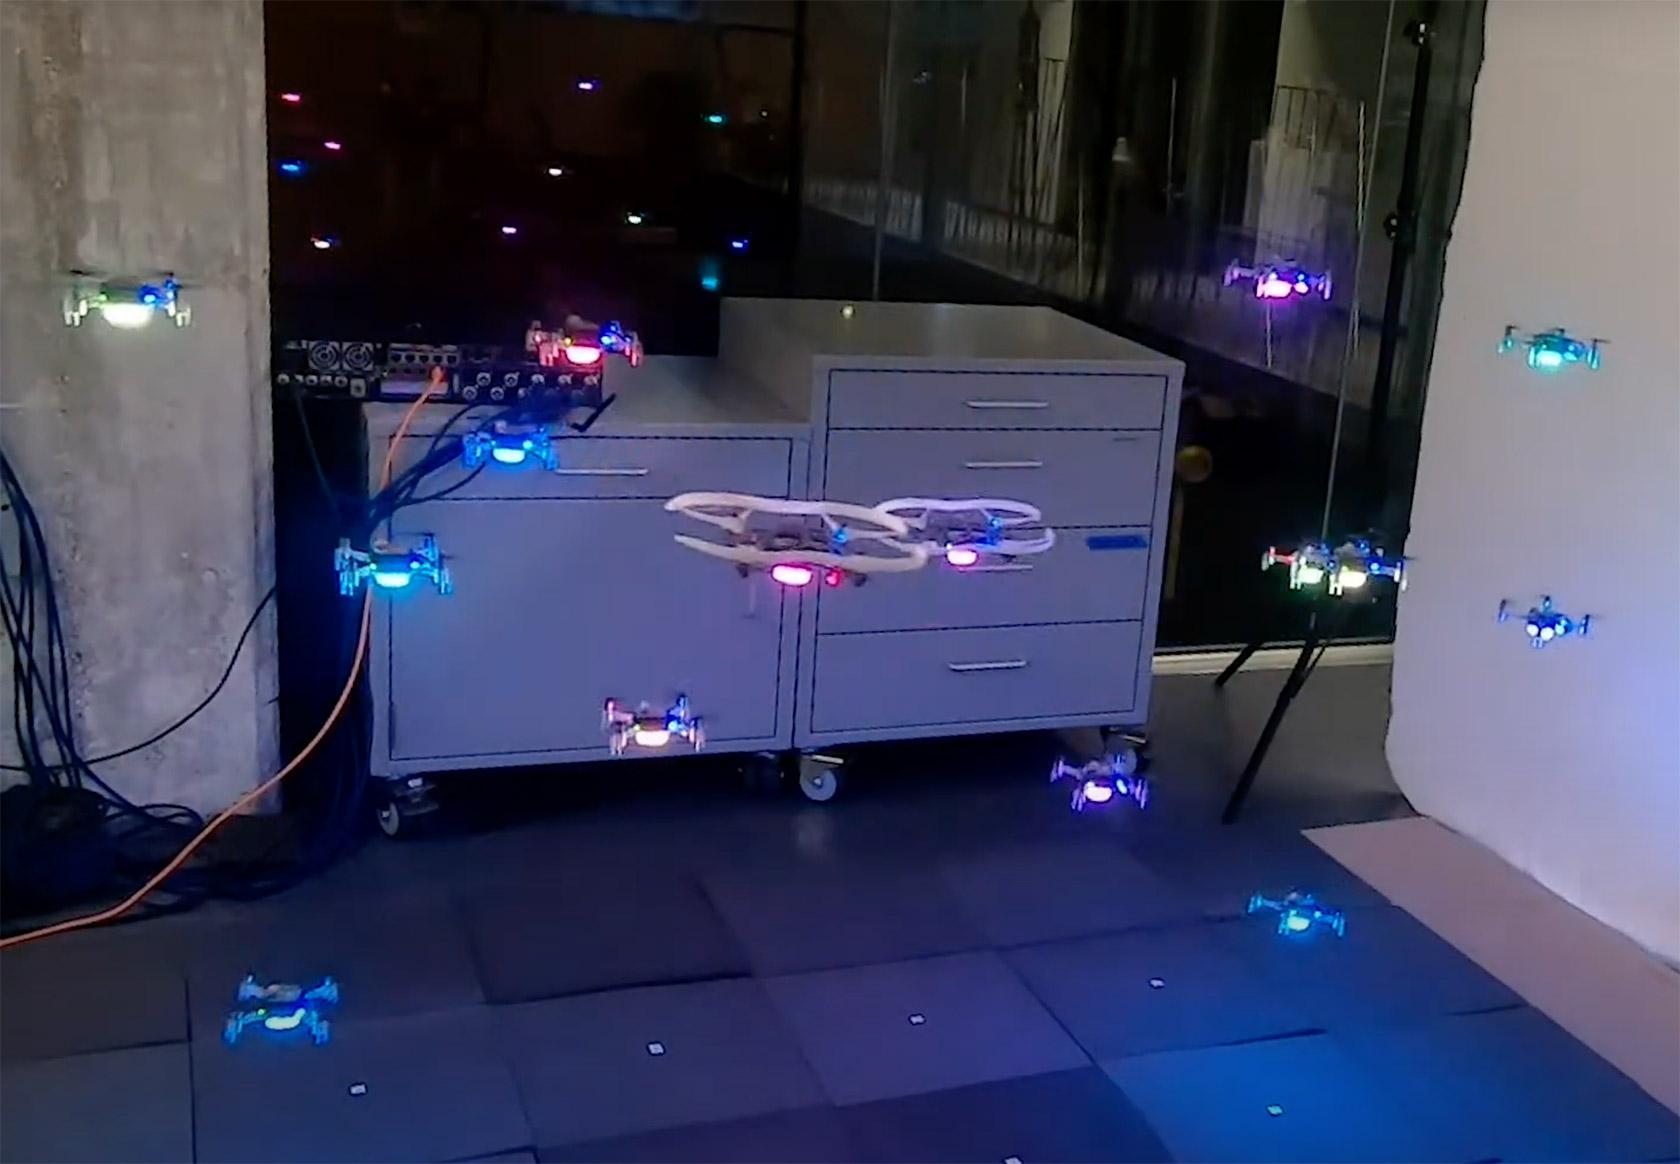 AI Drone Swarm Behaviour